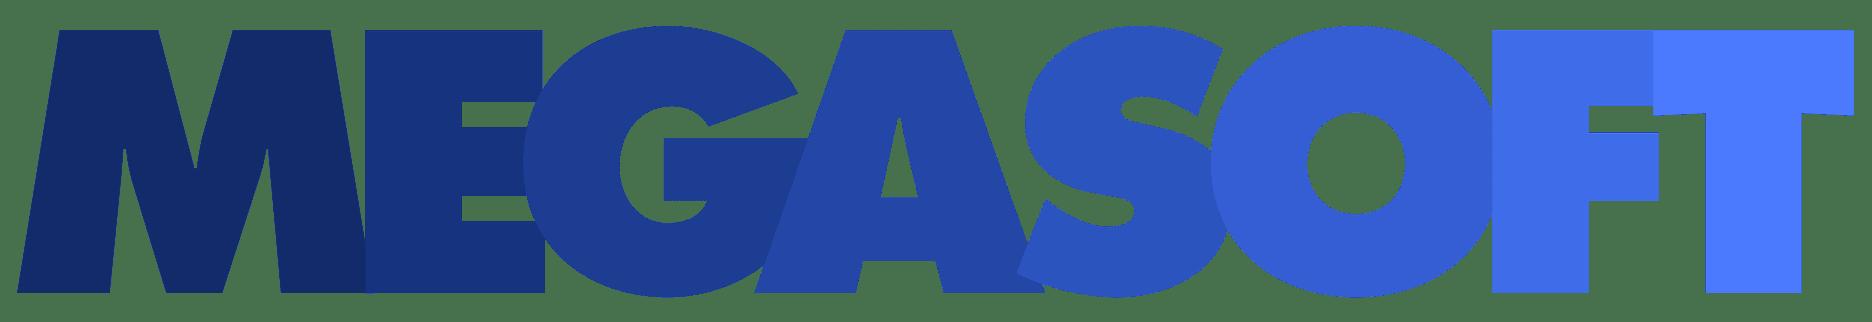 MEGASOFT-Logo